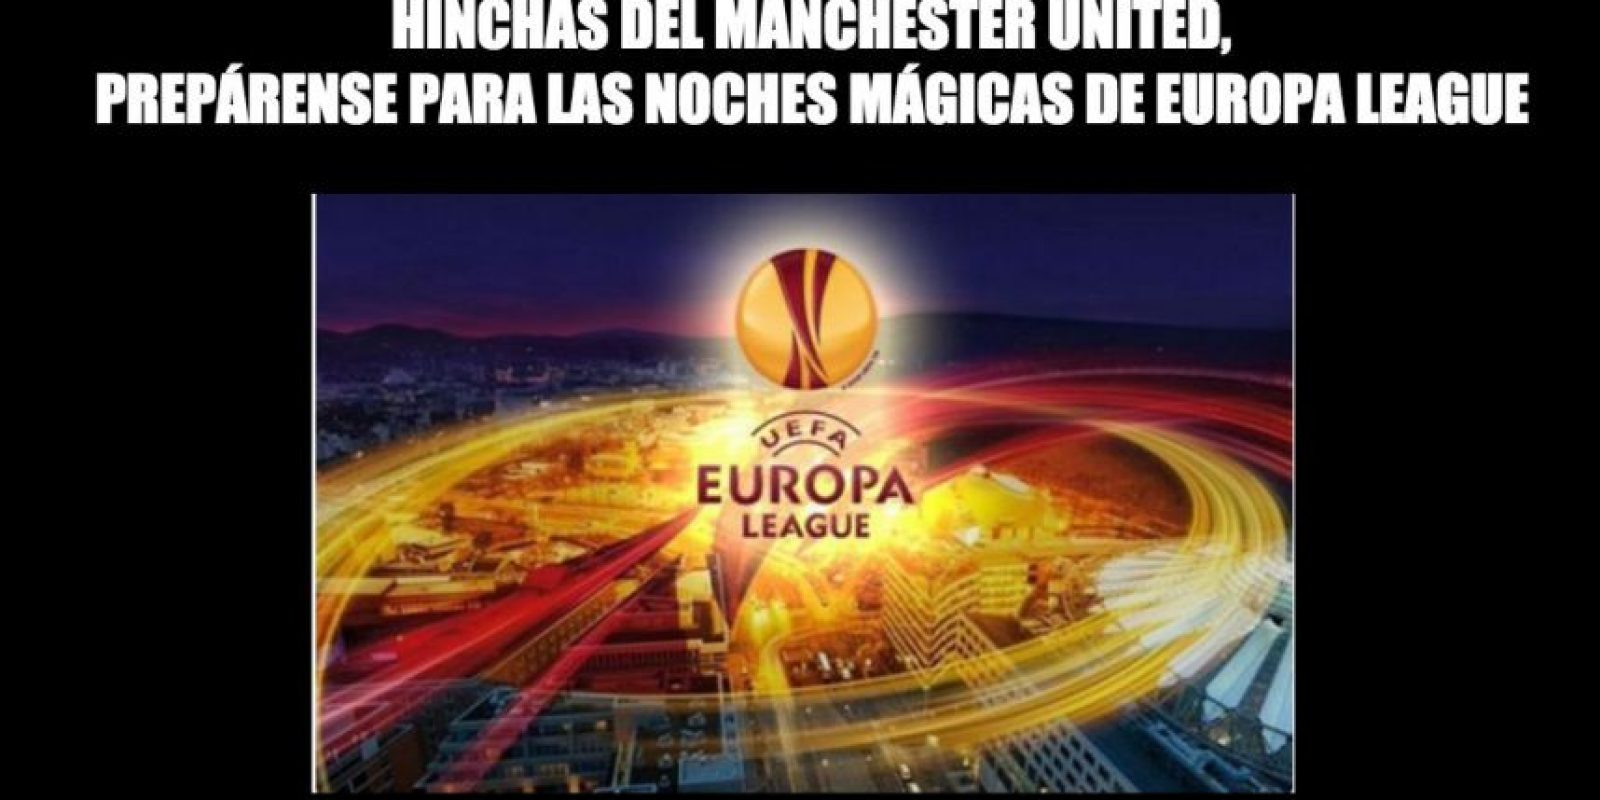 Si les sirve de consuelo, jugarán la Europa League. Foto:Vía twitter.com/troll__football